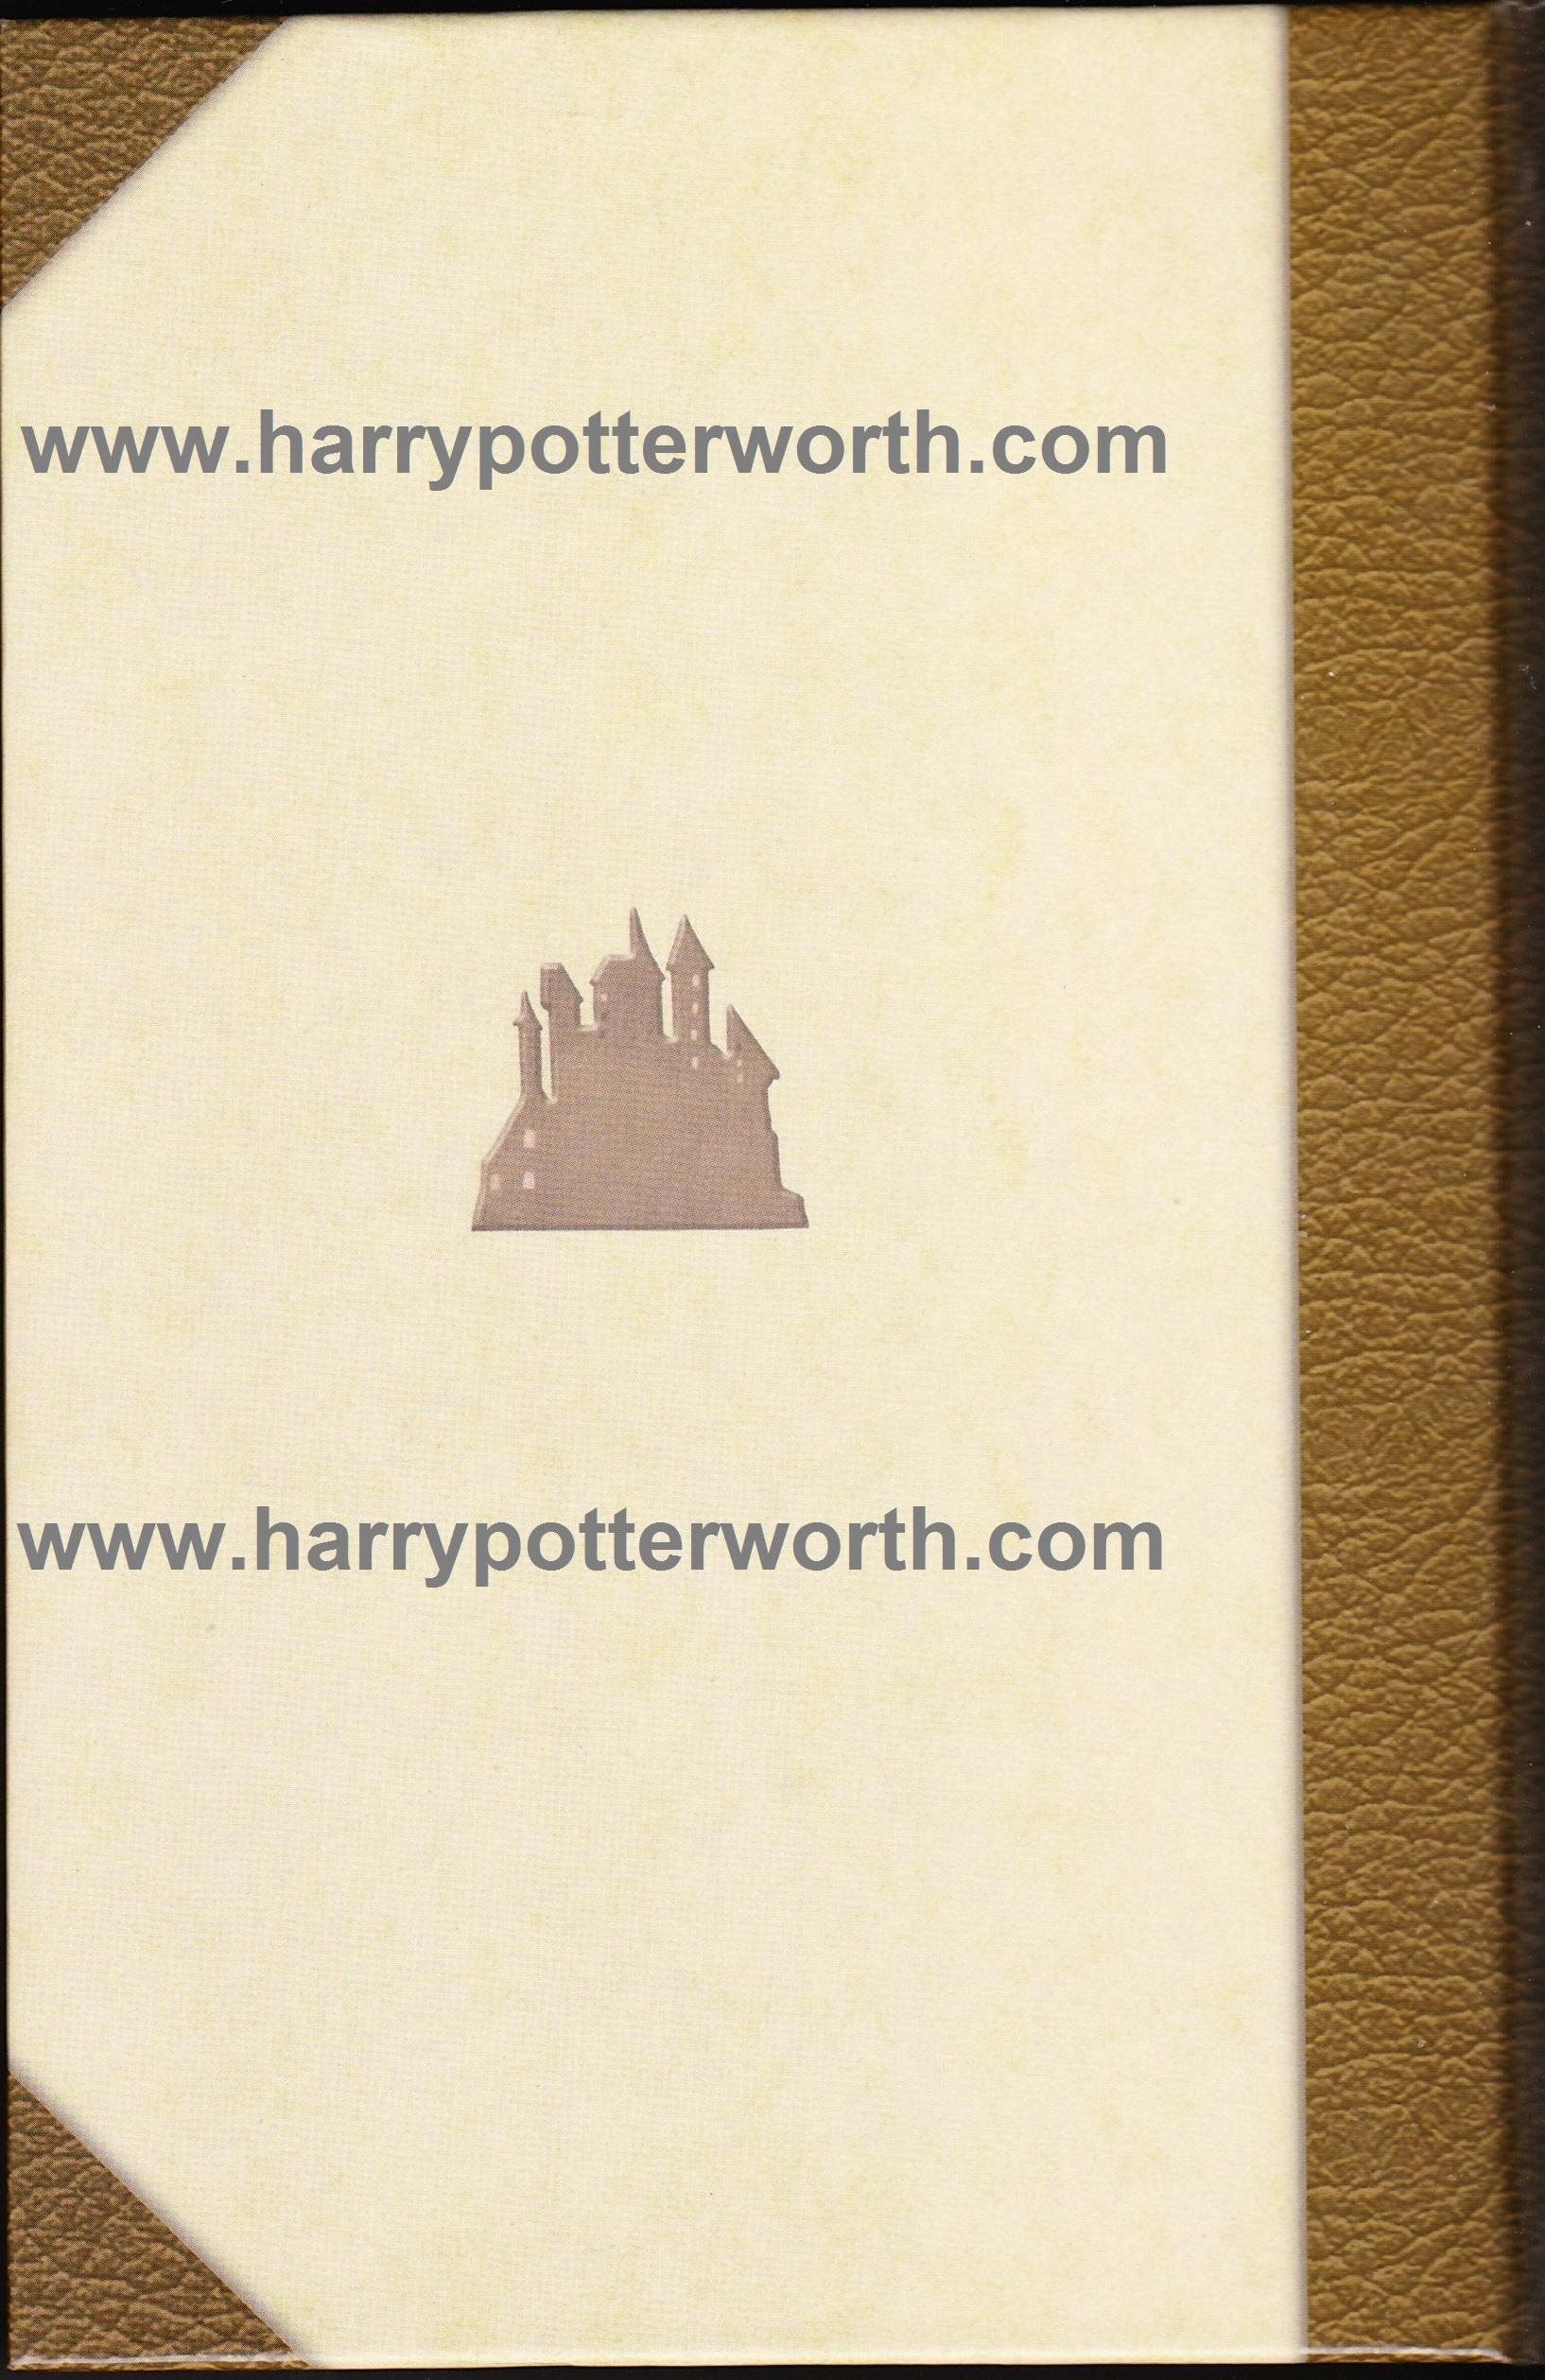 Harry Potter e il Principe Mezzosangue Edizione Motto Hogwarts 2007 - Retro